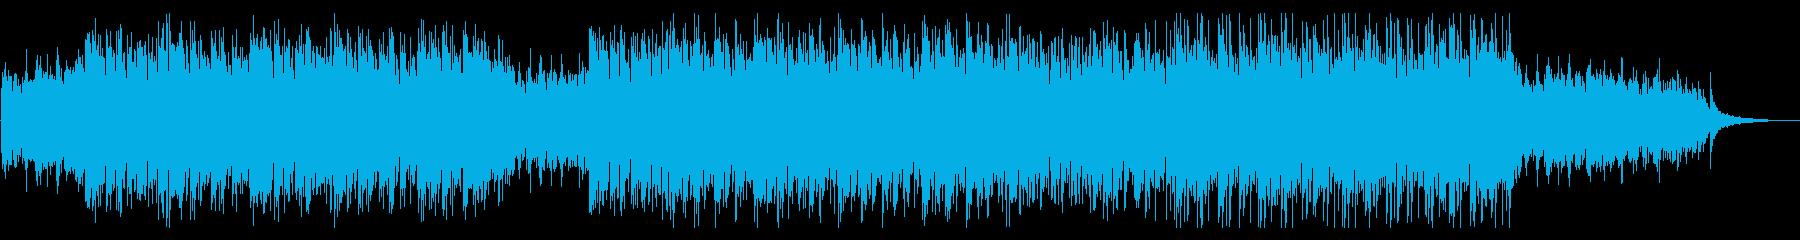 そよぐ風のようなヒーリング音楽の再生済みの波形